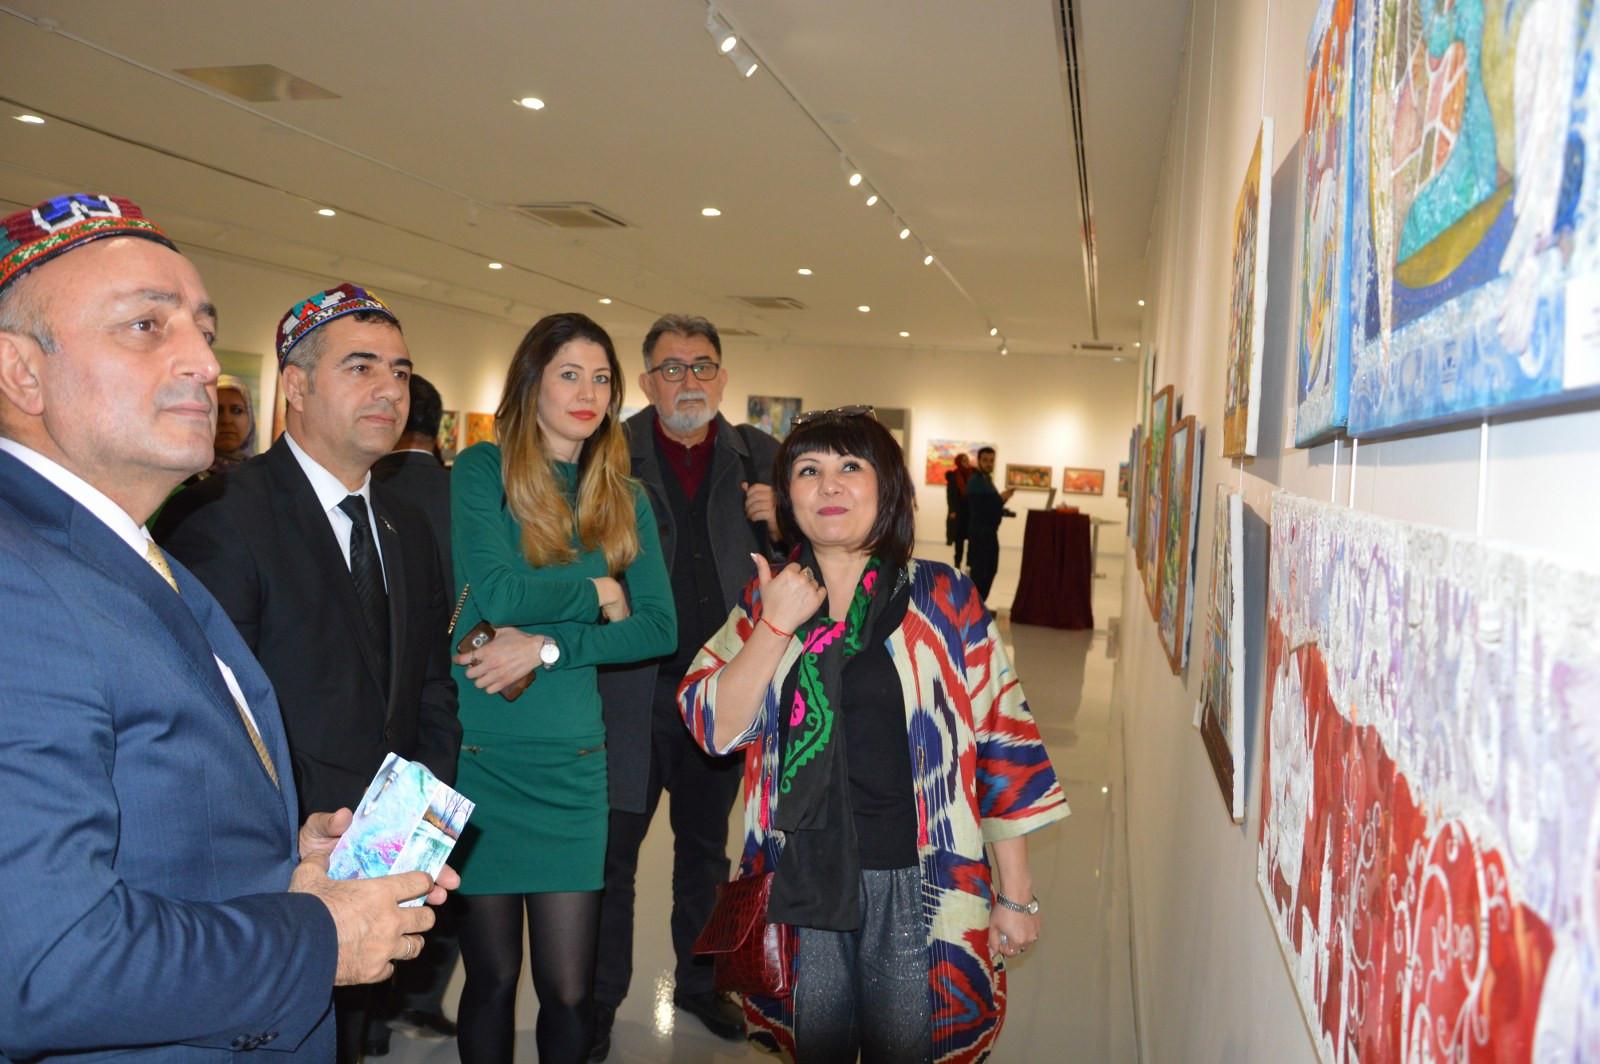 Türk Dünyasından Kadın Sanatçılar İstanbul'da Buluştu Galeri - 6. Resim